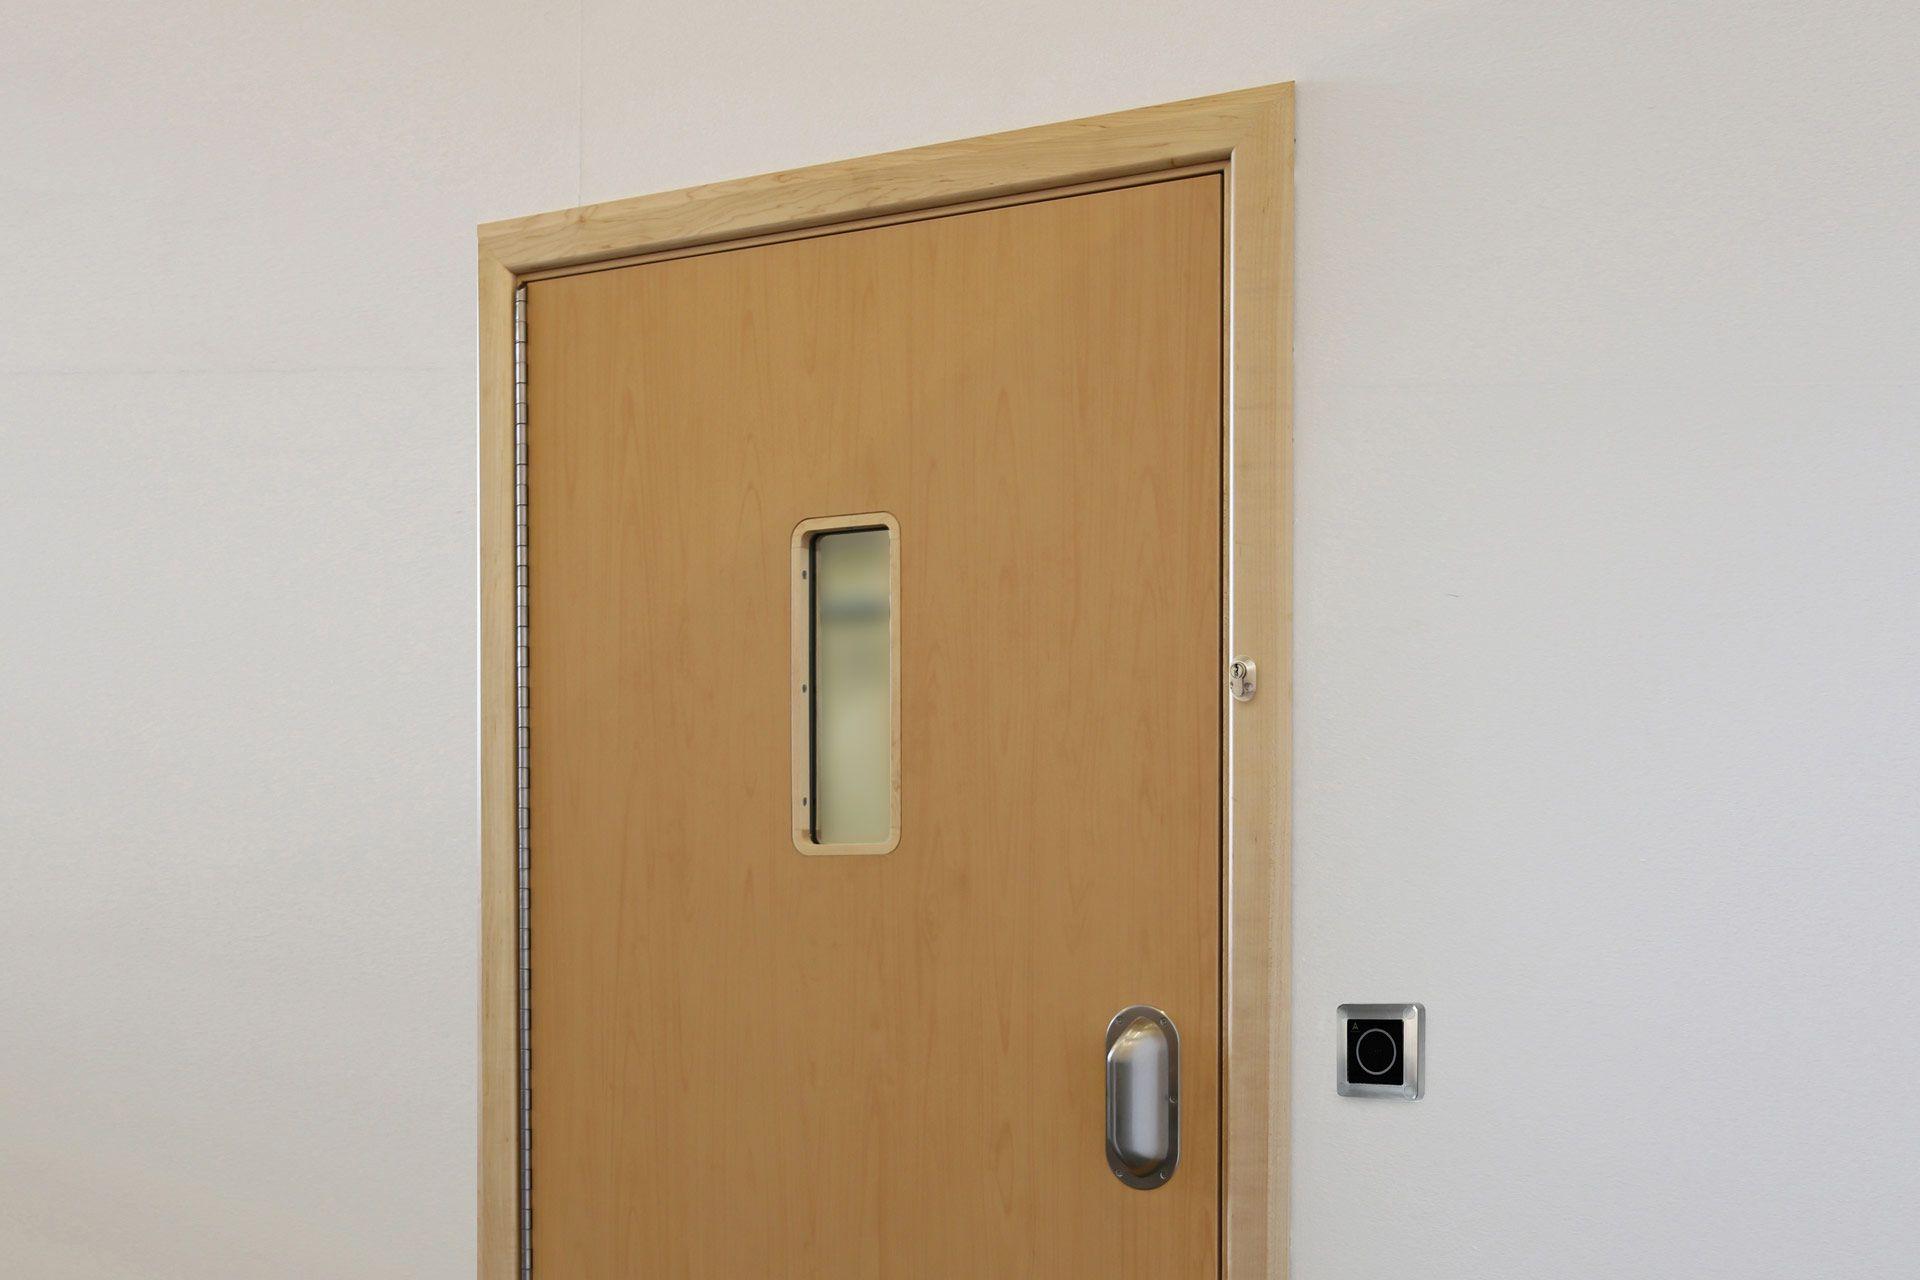 Seclusion room doorset